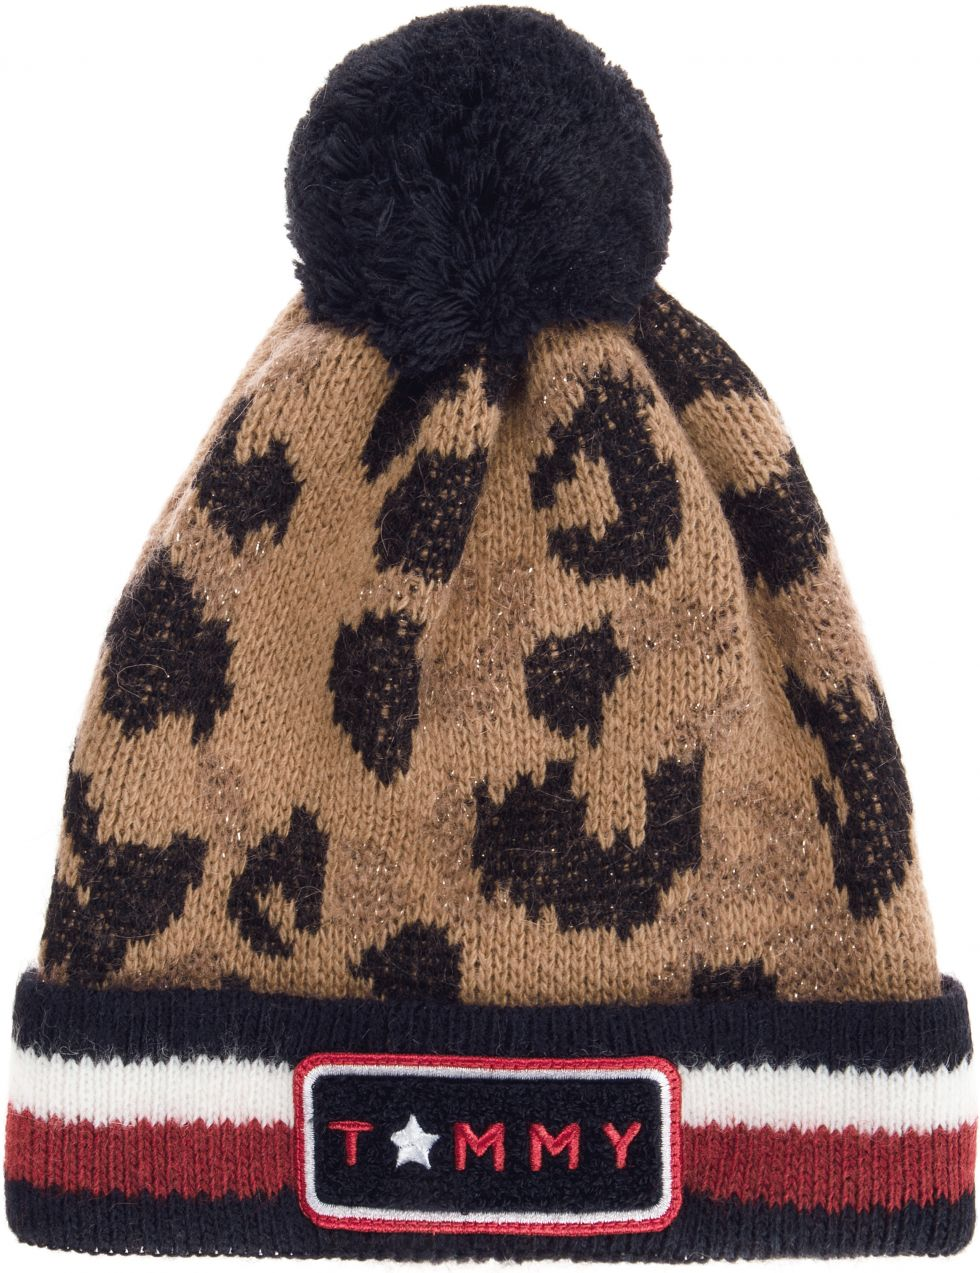 Zimná čiapka Tommy Hilfiger  ca4a2b61c51